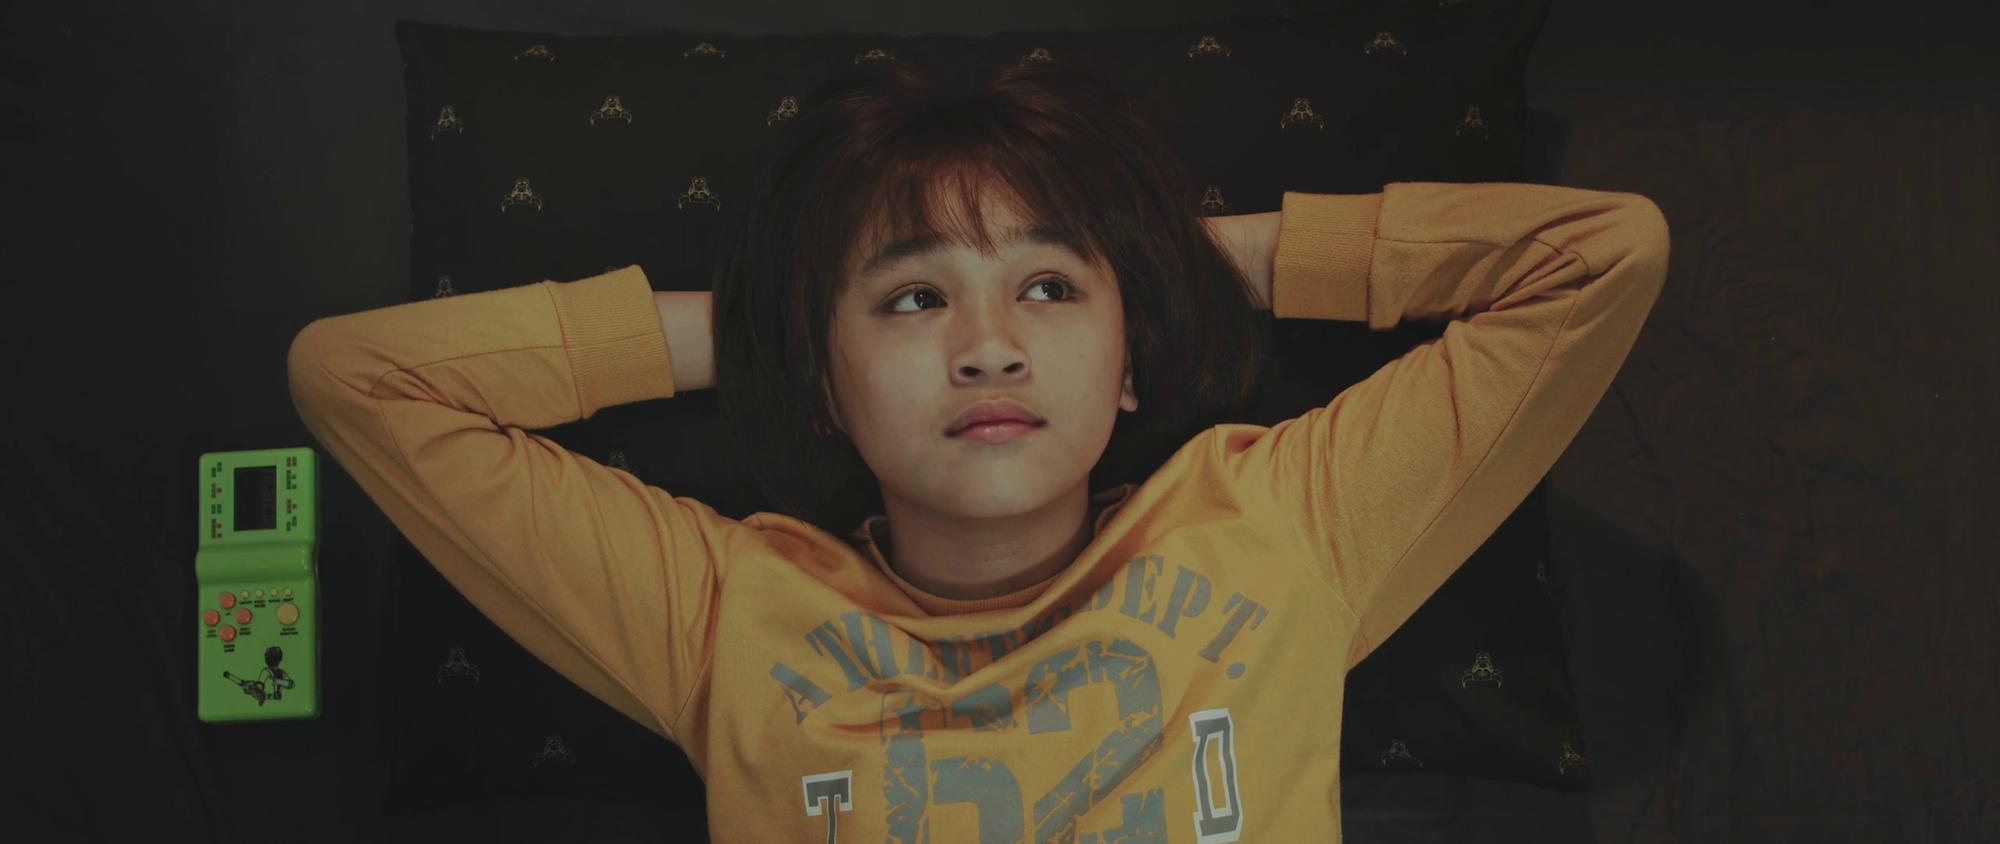 Cậu bé đáng yêu như thiên thần trong MV Đã lỡ yêu em nhiều của JustaTee là ai?-4